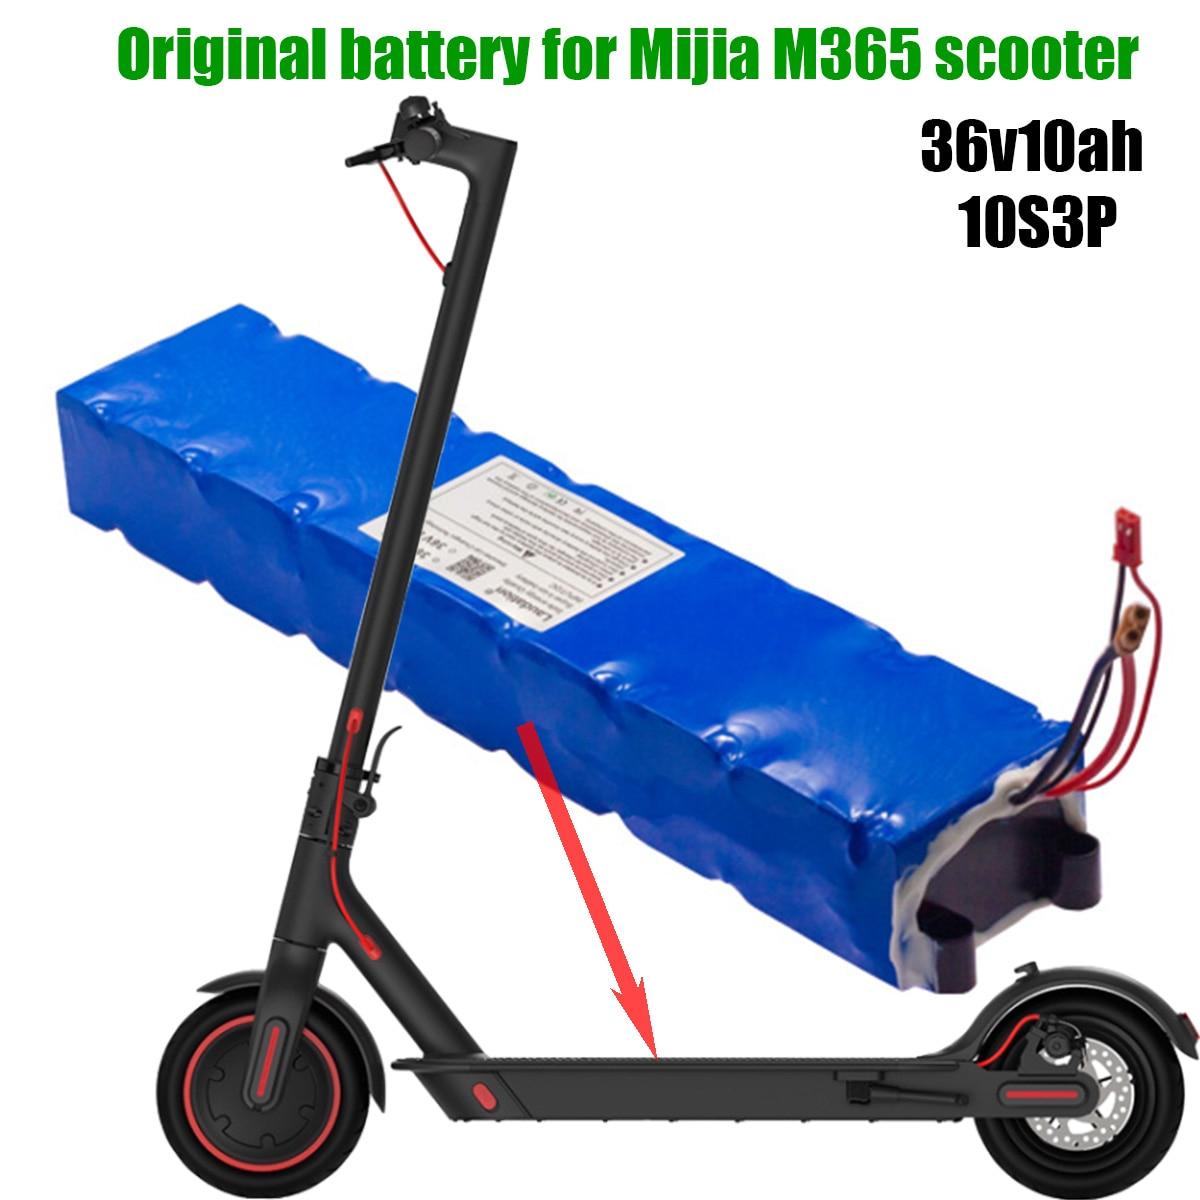 عالية الجودة سكوتر الكهربائية 10000mah بطارية ليثيوم 10s 3p الأصلي 36 فولت 10 Ah 18650 ل Mijia شاومي الذكية M365 امدادات الطاقة